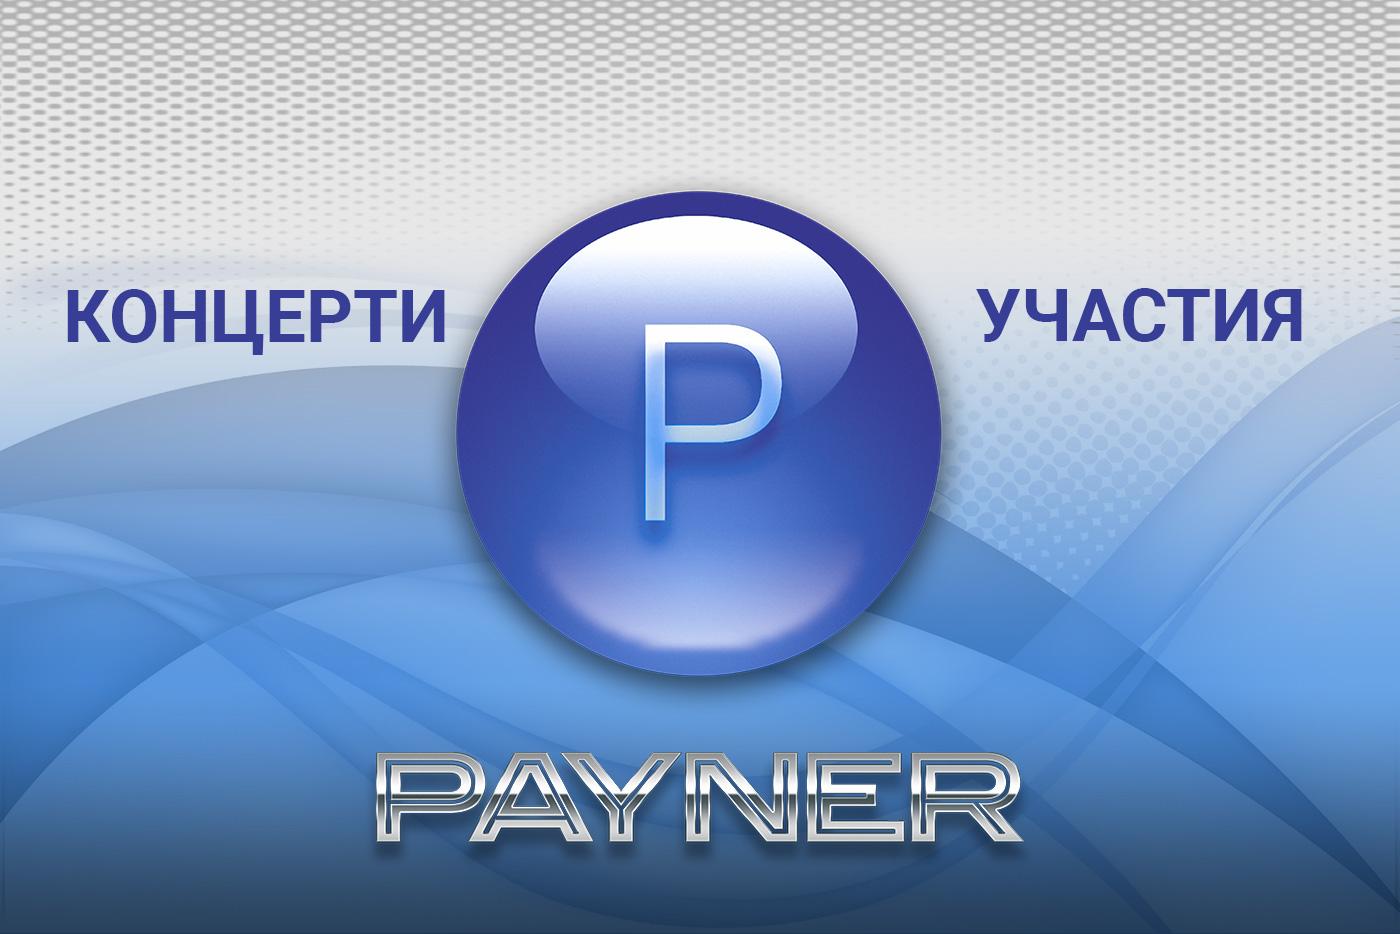 """Участия на звездите на """"Пайнер"""" на 24.02.2020"""